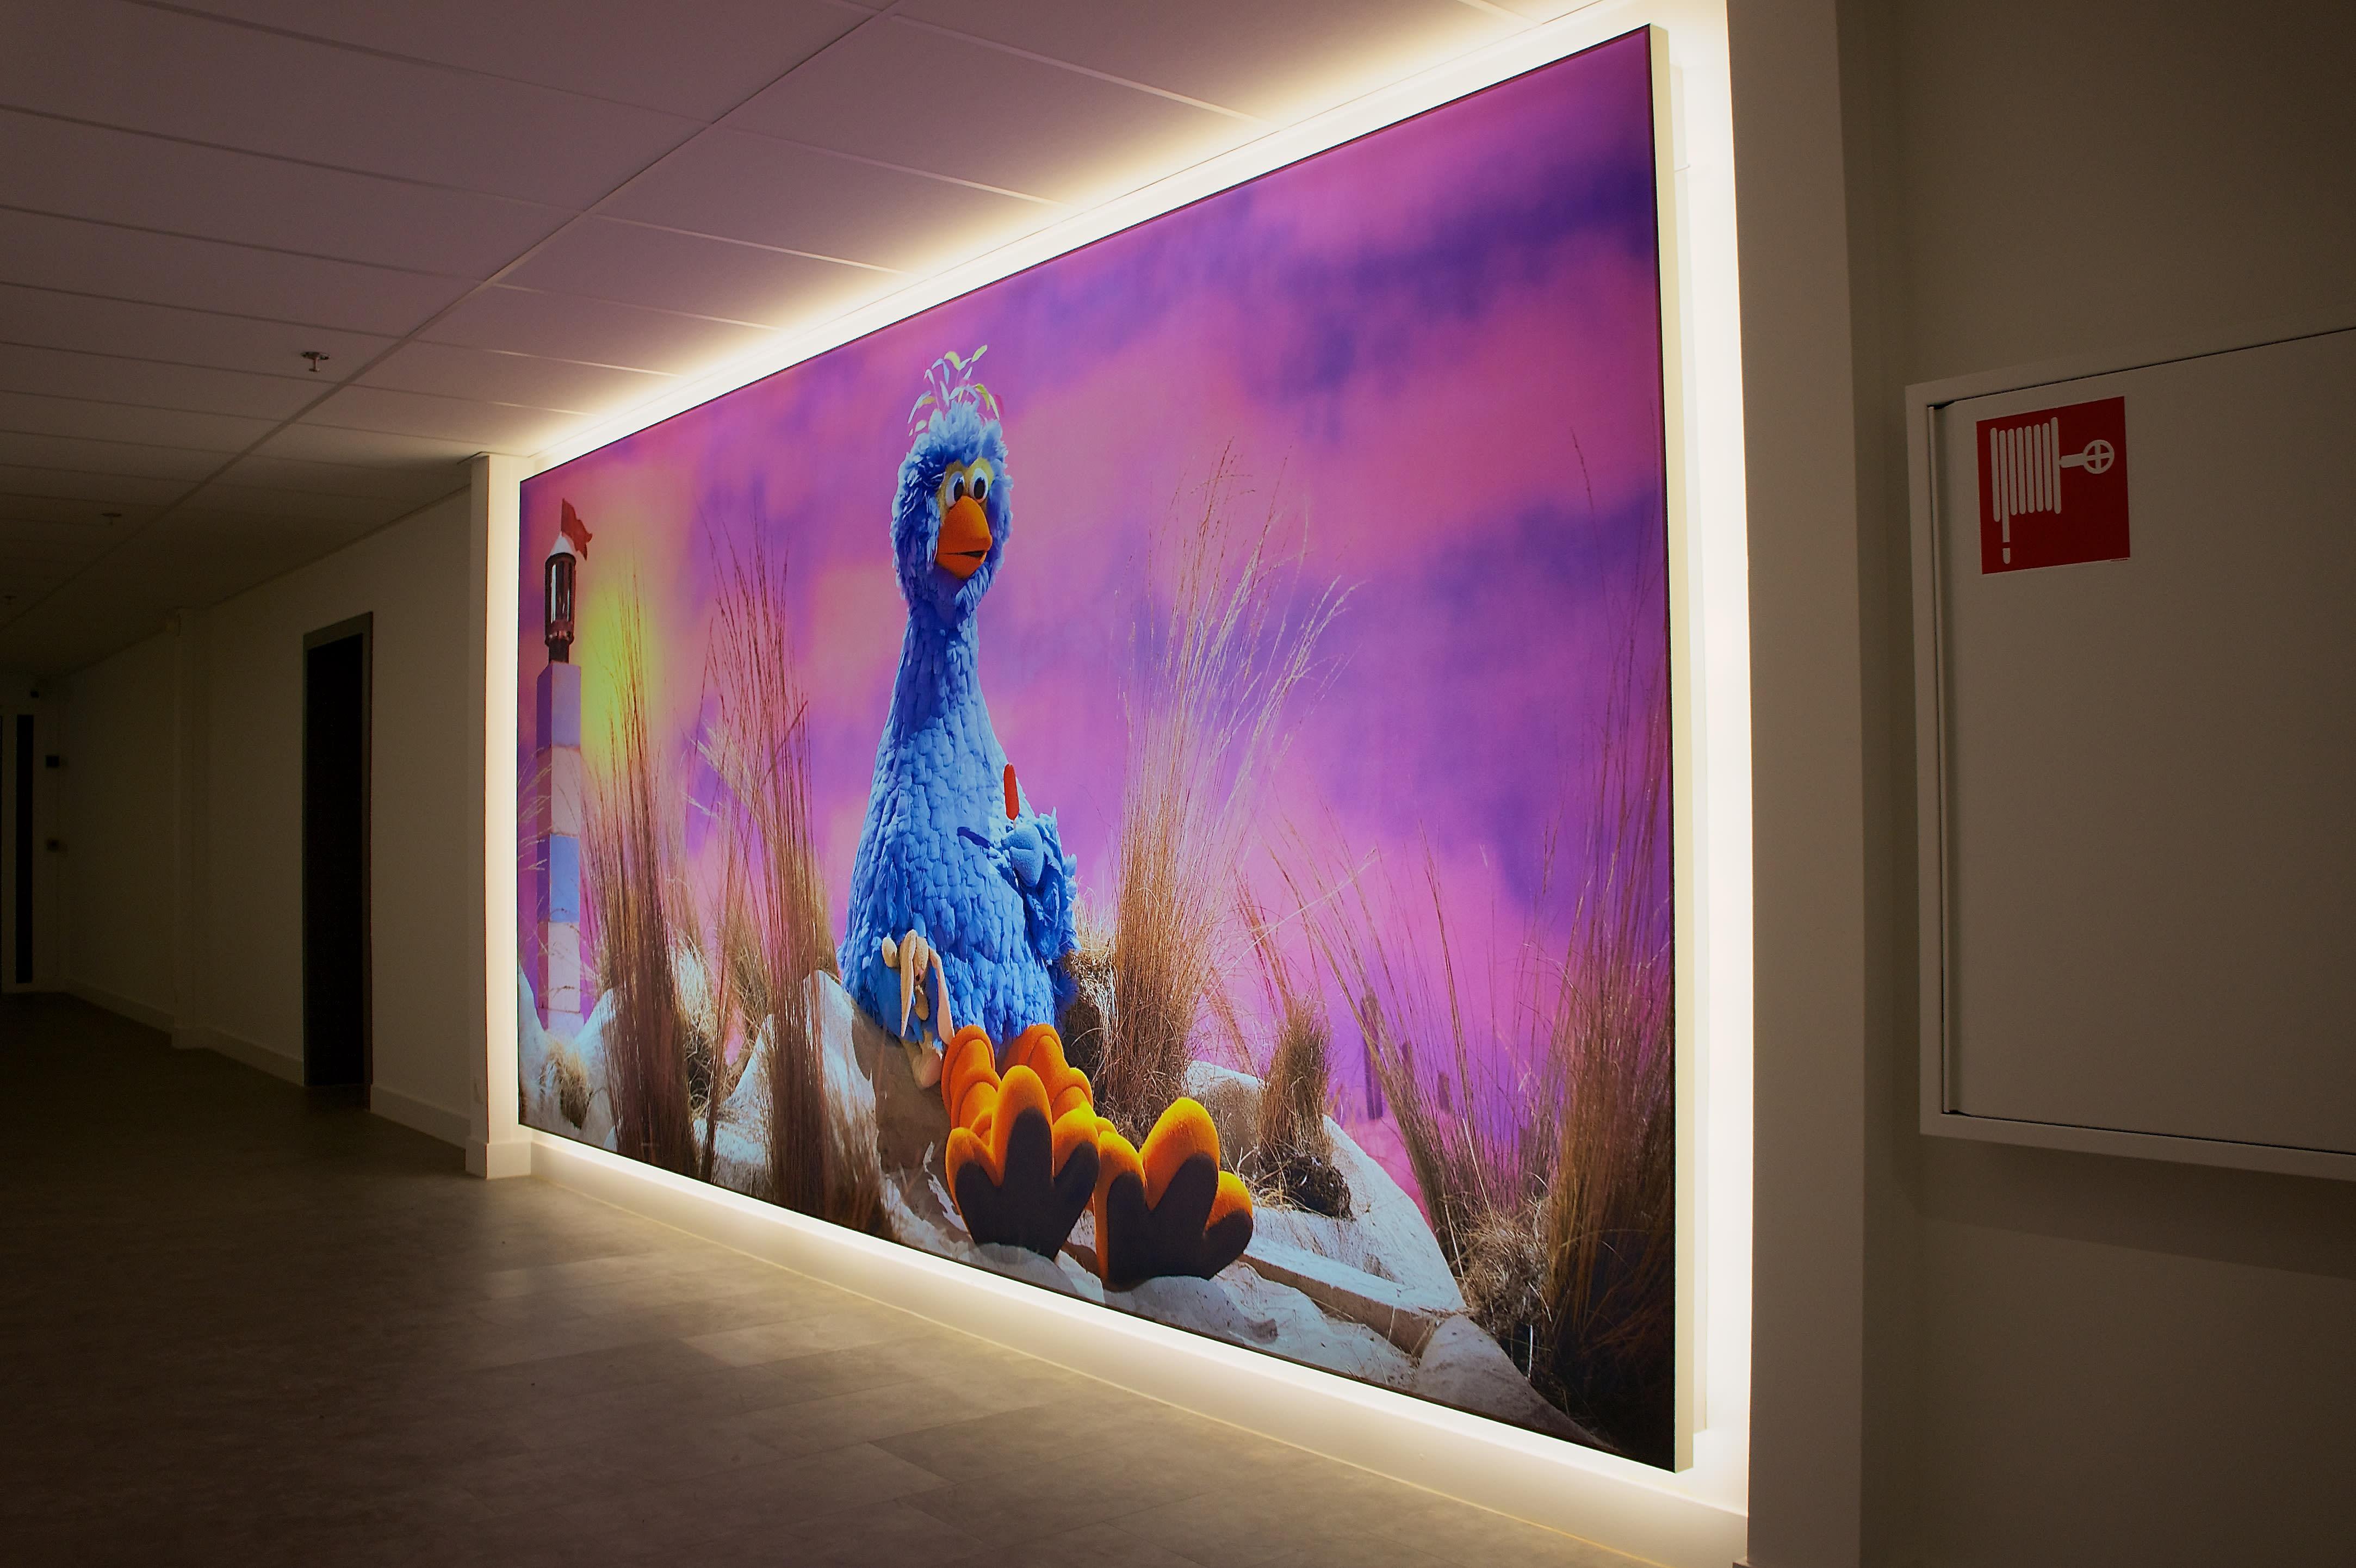 Bedrucktes Wandbild hintereluchtet mit blauem Vogel